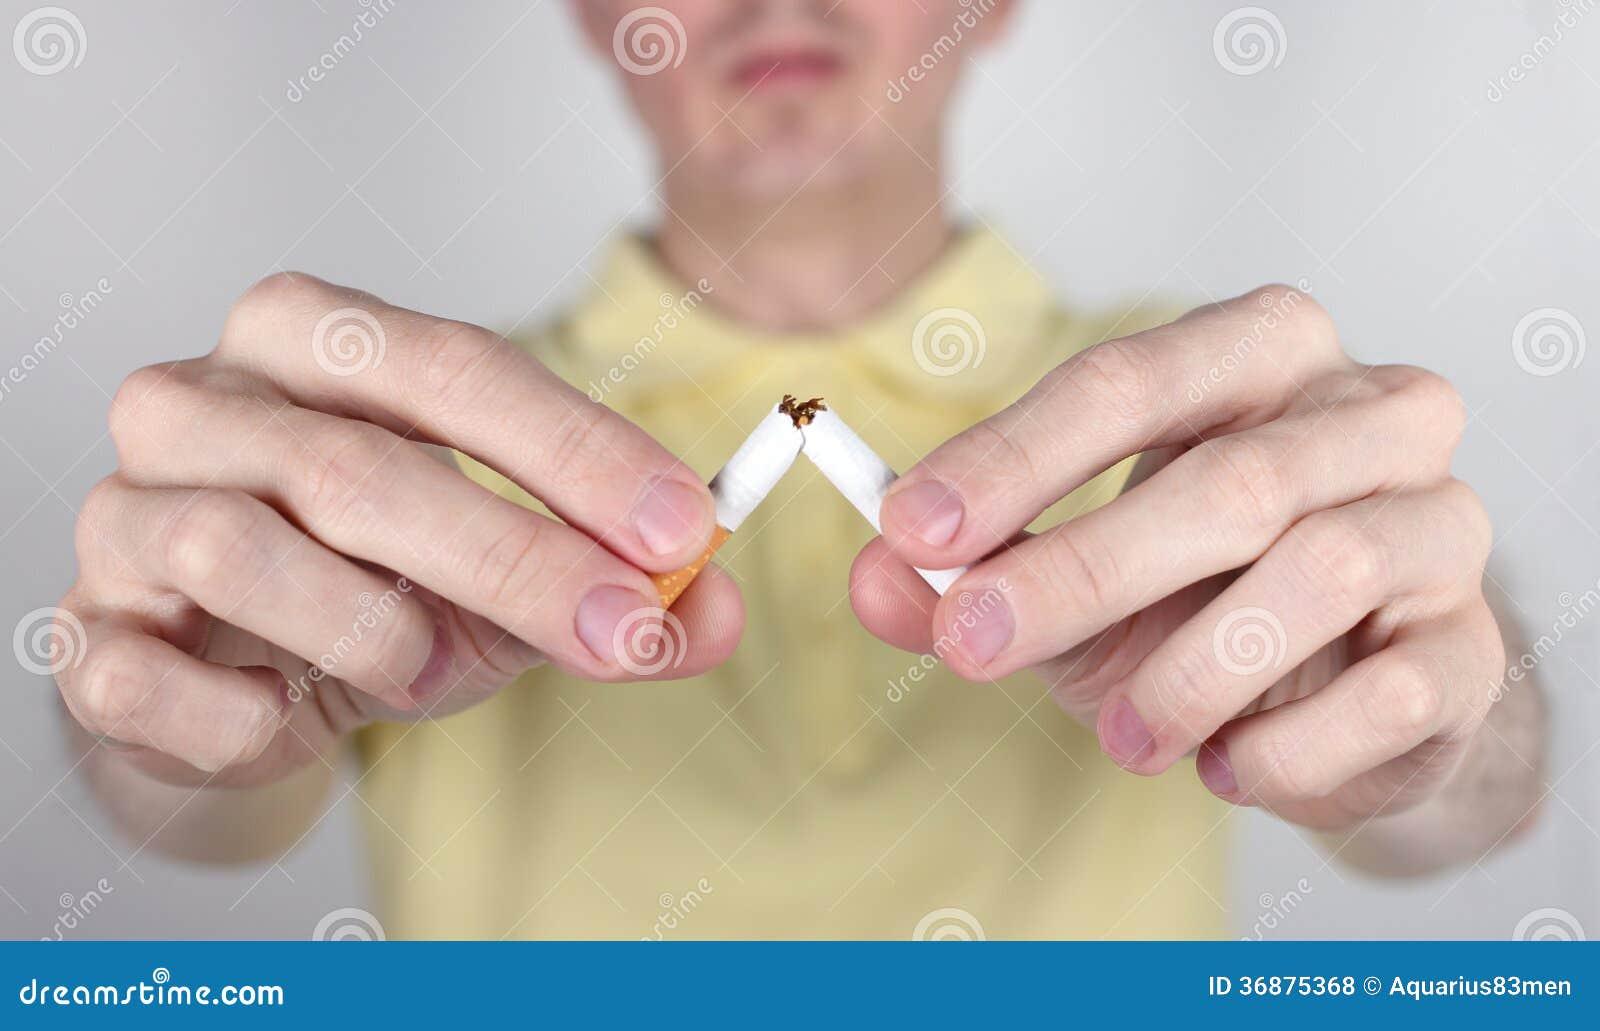 Download Il Fumo è Nocivo Alla Vostra Salute Fotografia Stock - Immagine di adulto, azioni: 36875368